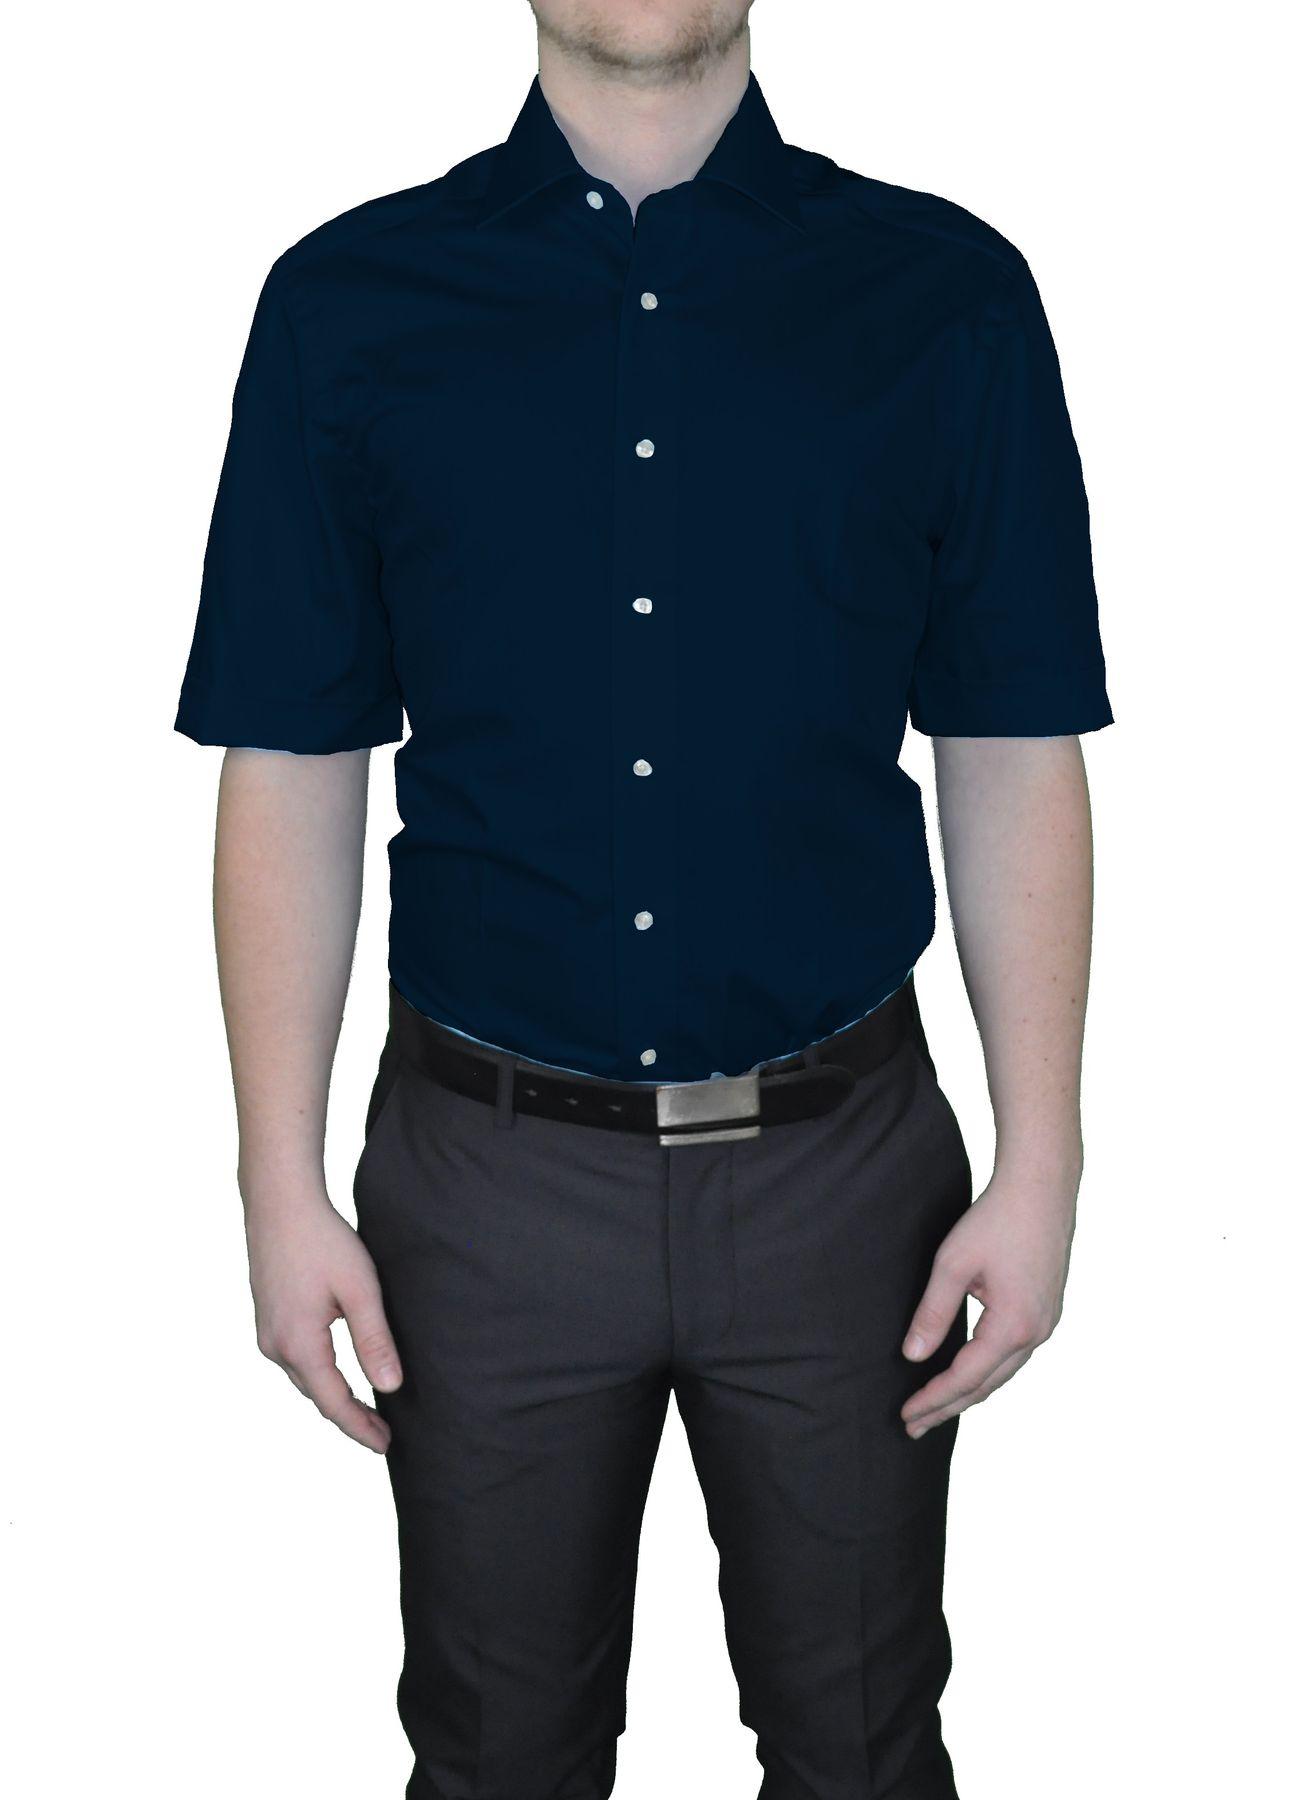 Bügelfreies Herren Kurzarm Hemd in verschiedenen Farben, Stil: BODY CUT, Marke REDMOND(150910 A) – Bild 12